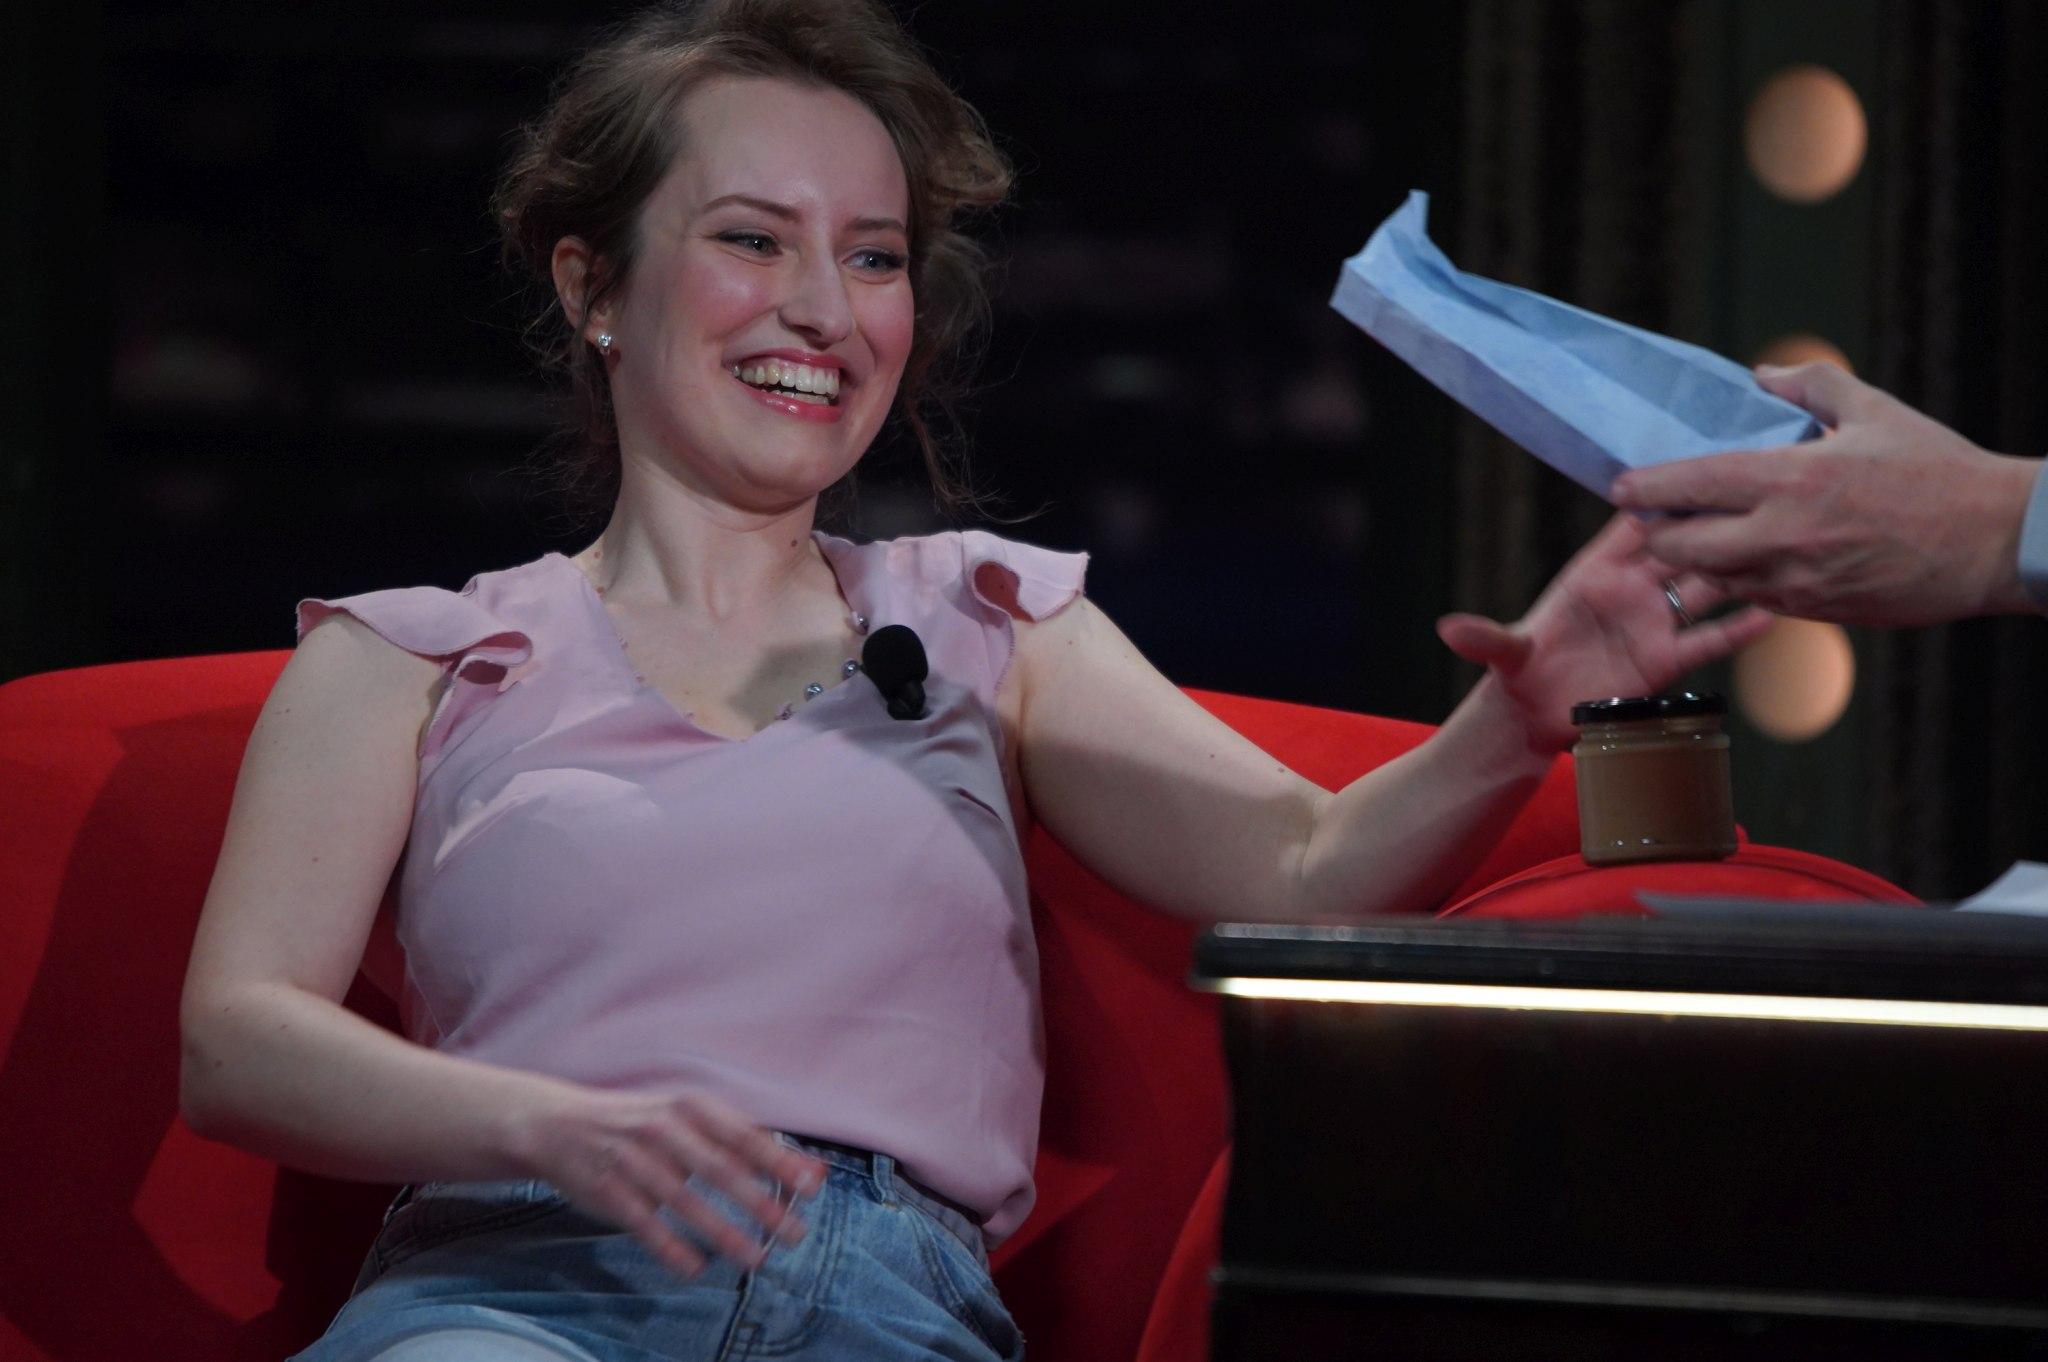 Marketingová specialistka a kontroverzní finalistka kuchařské soutěže Pavlína Lubojatzky v SJK 17. 3. 2021